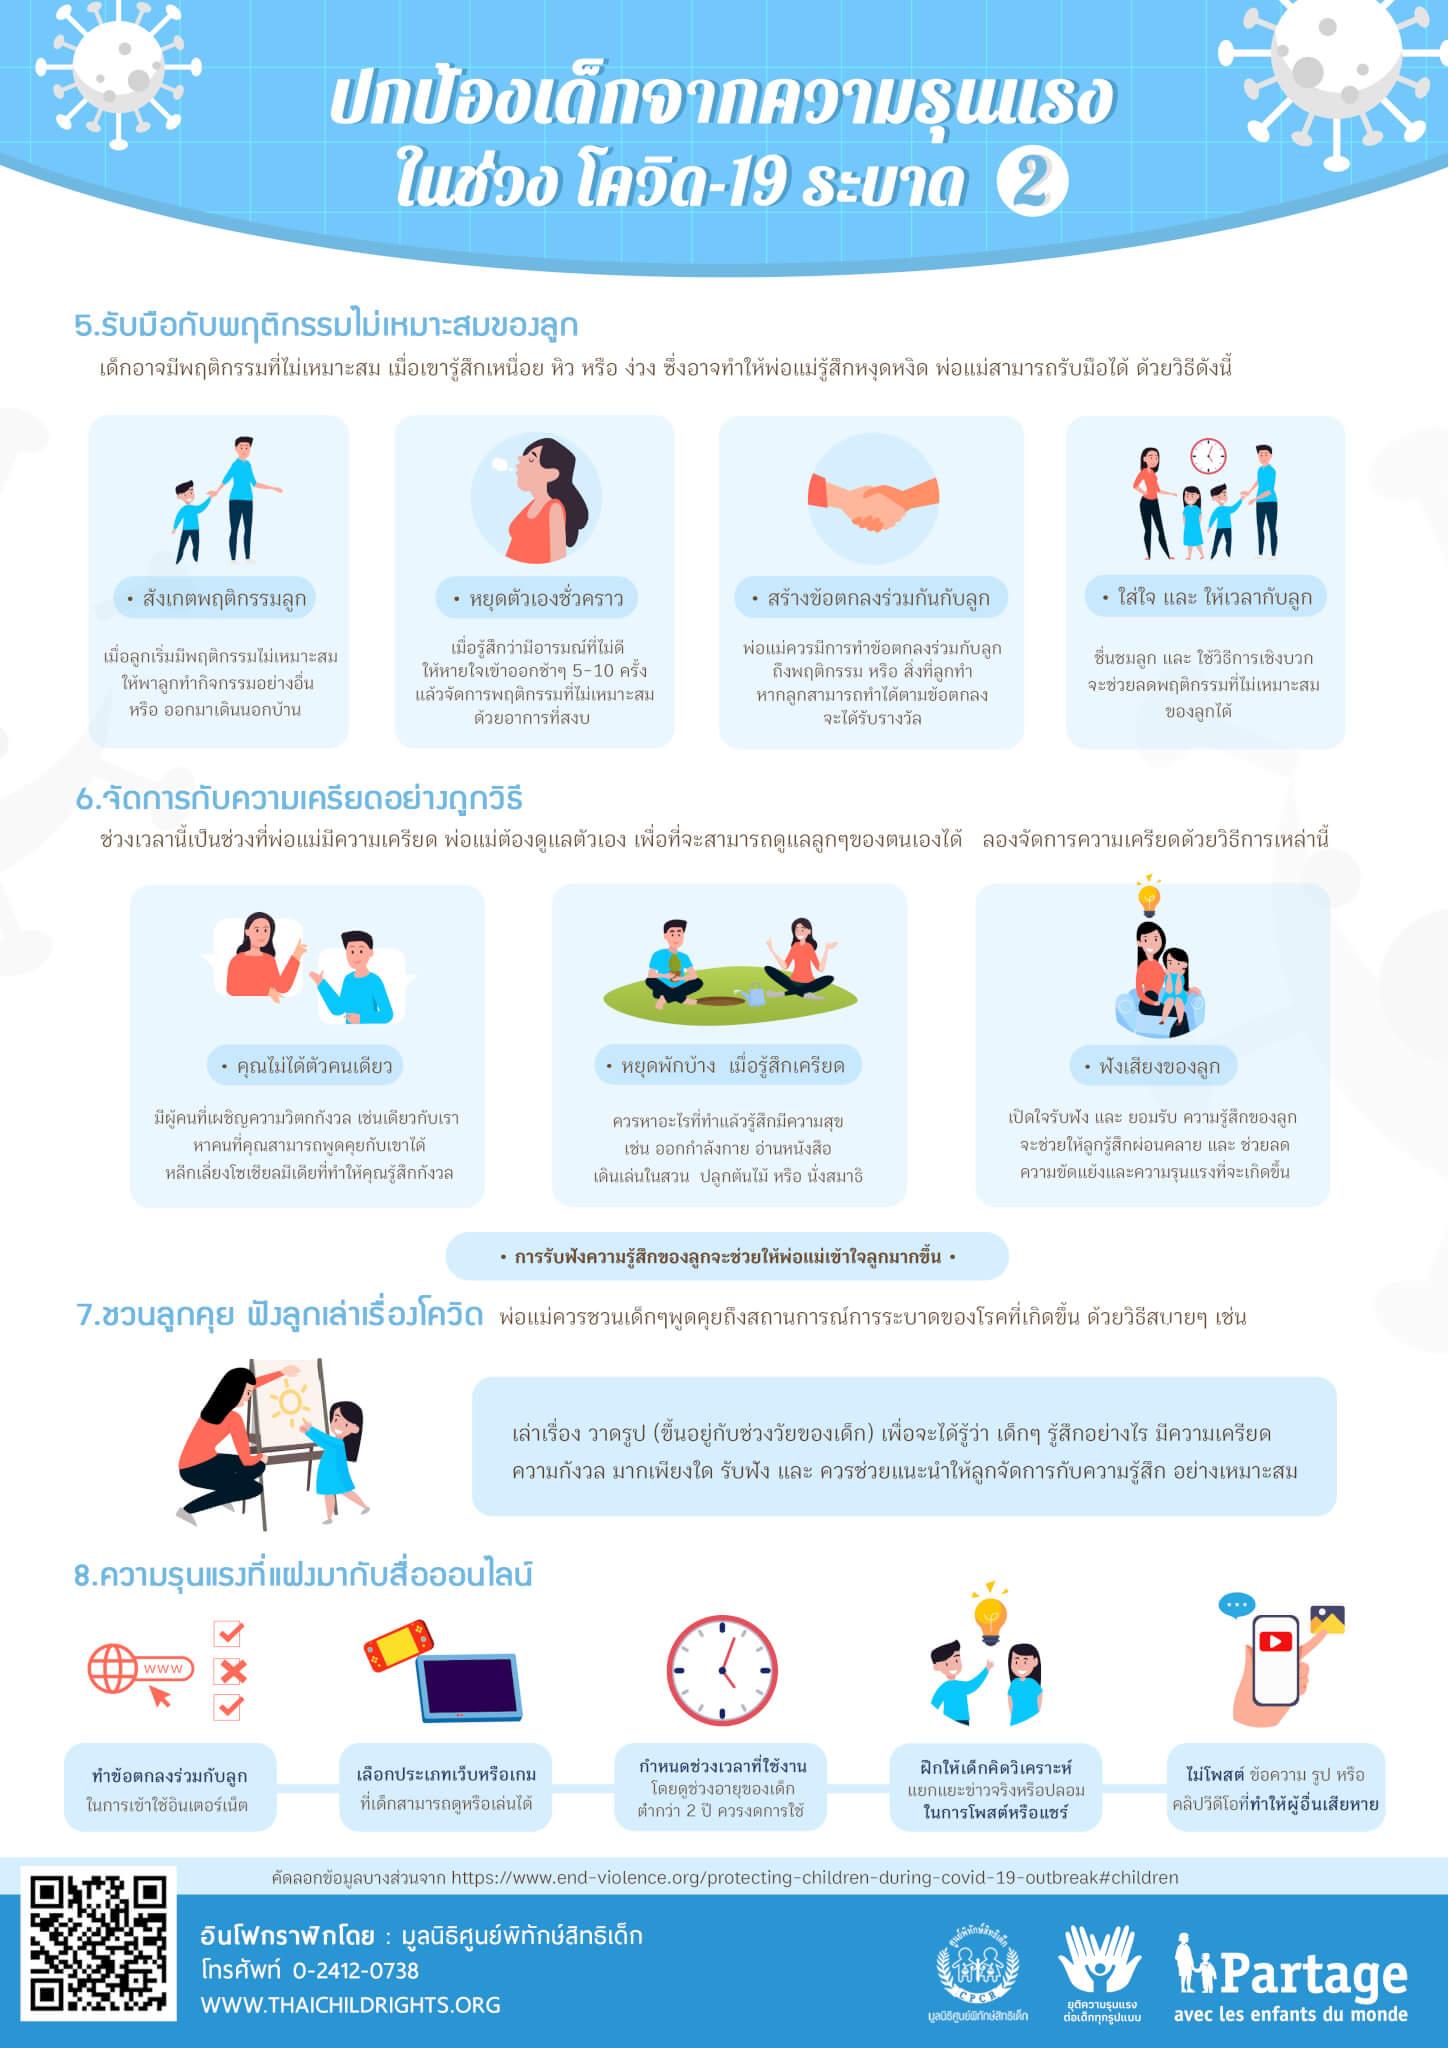 Infographic บทบาทครูกับการช่วยเหลือเด็กที่ถูกกระทำความรุนแรง